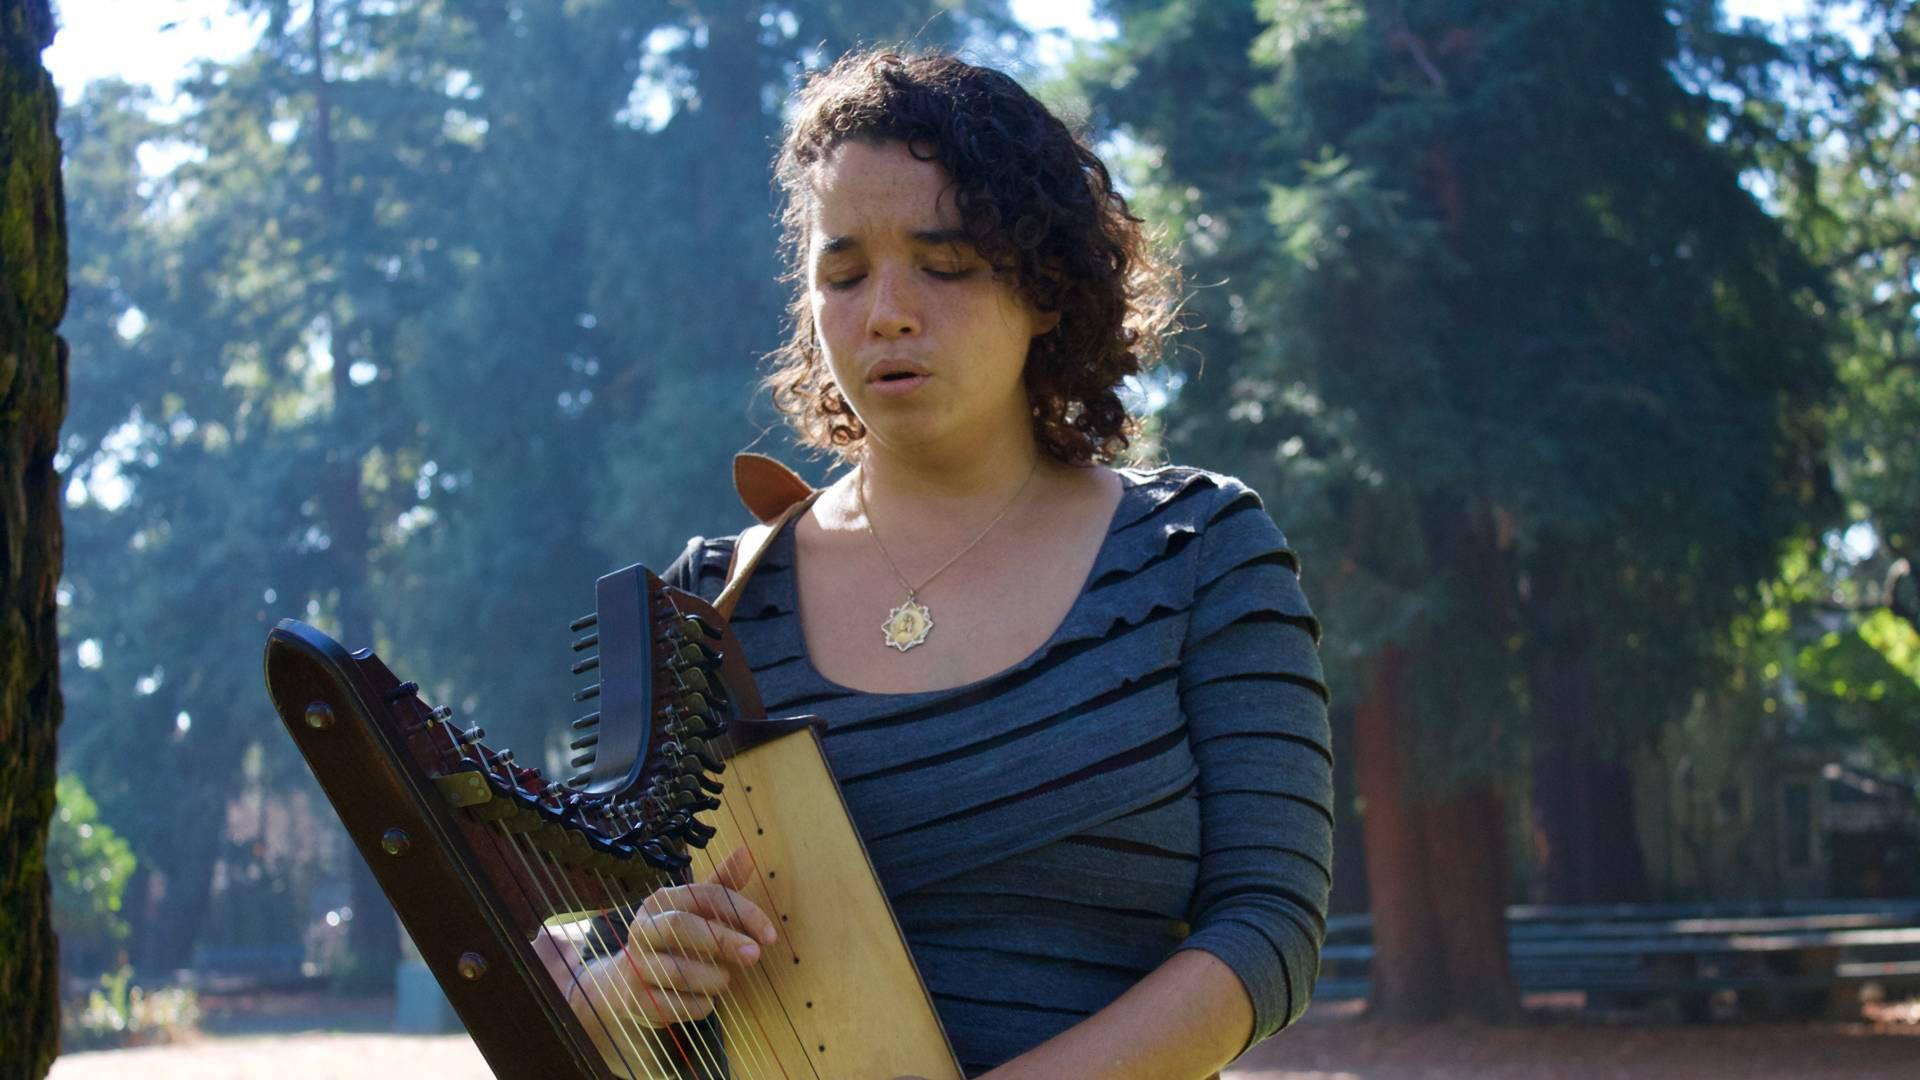 María José Montijo plays her harp at Dimond Park in Oakland. Audrey Garces